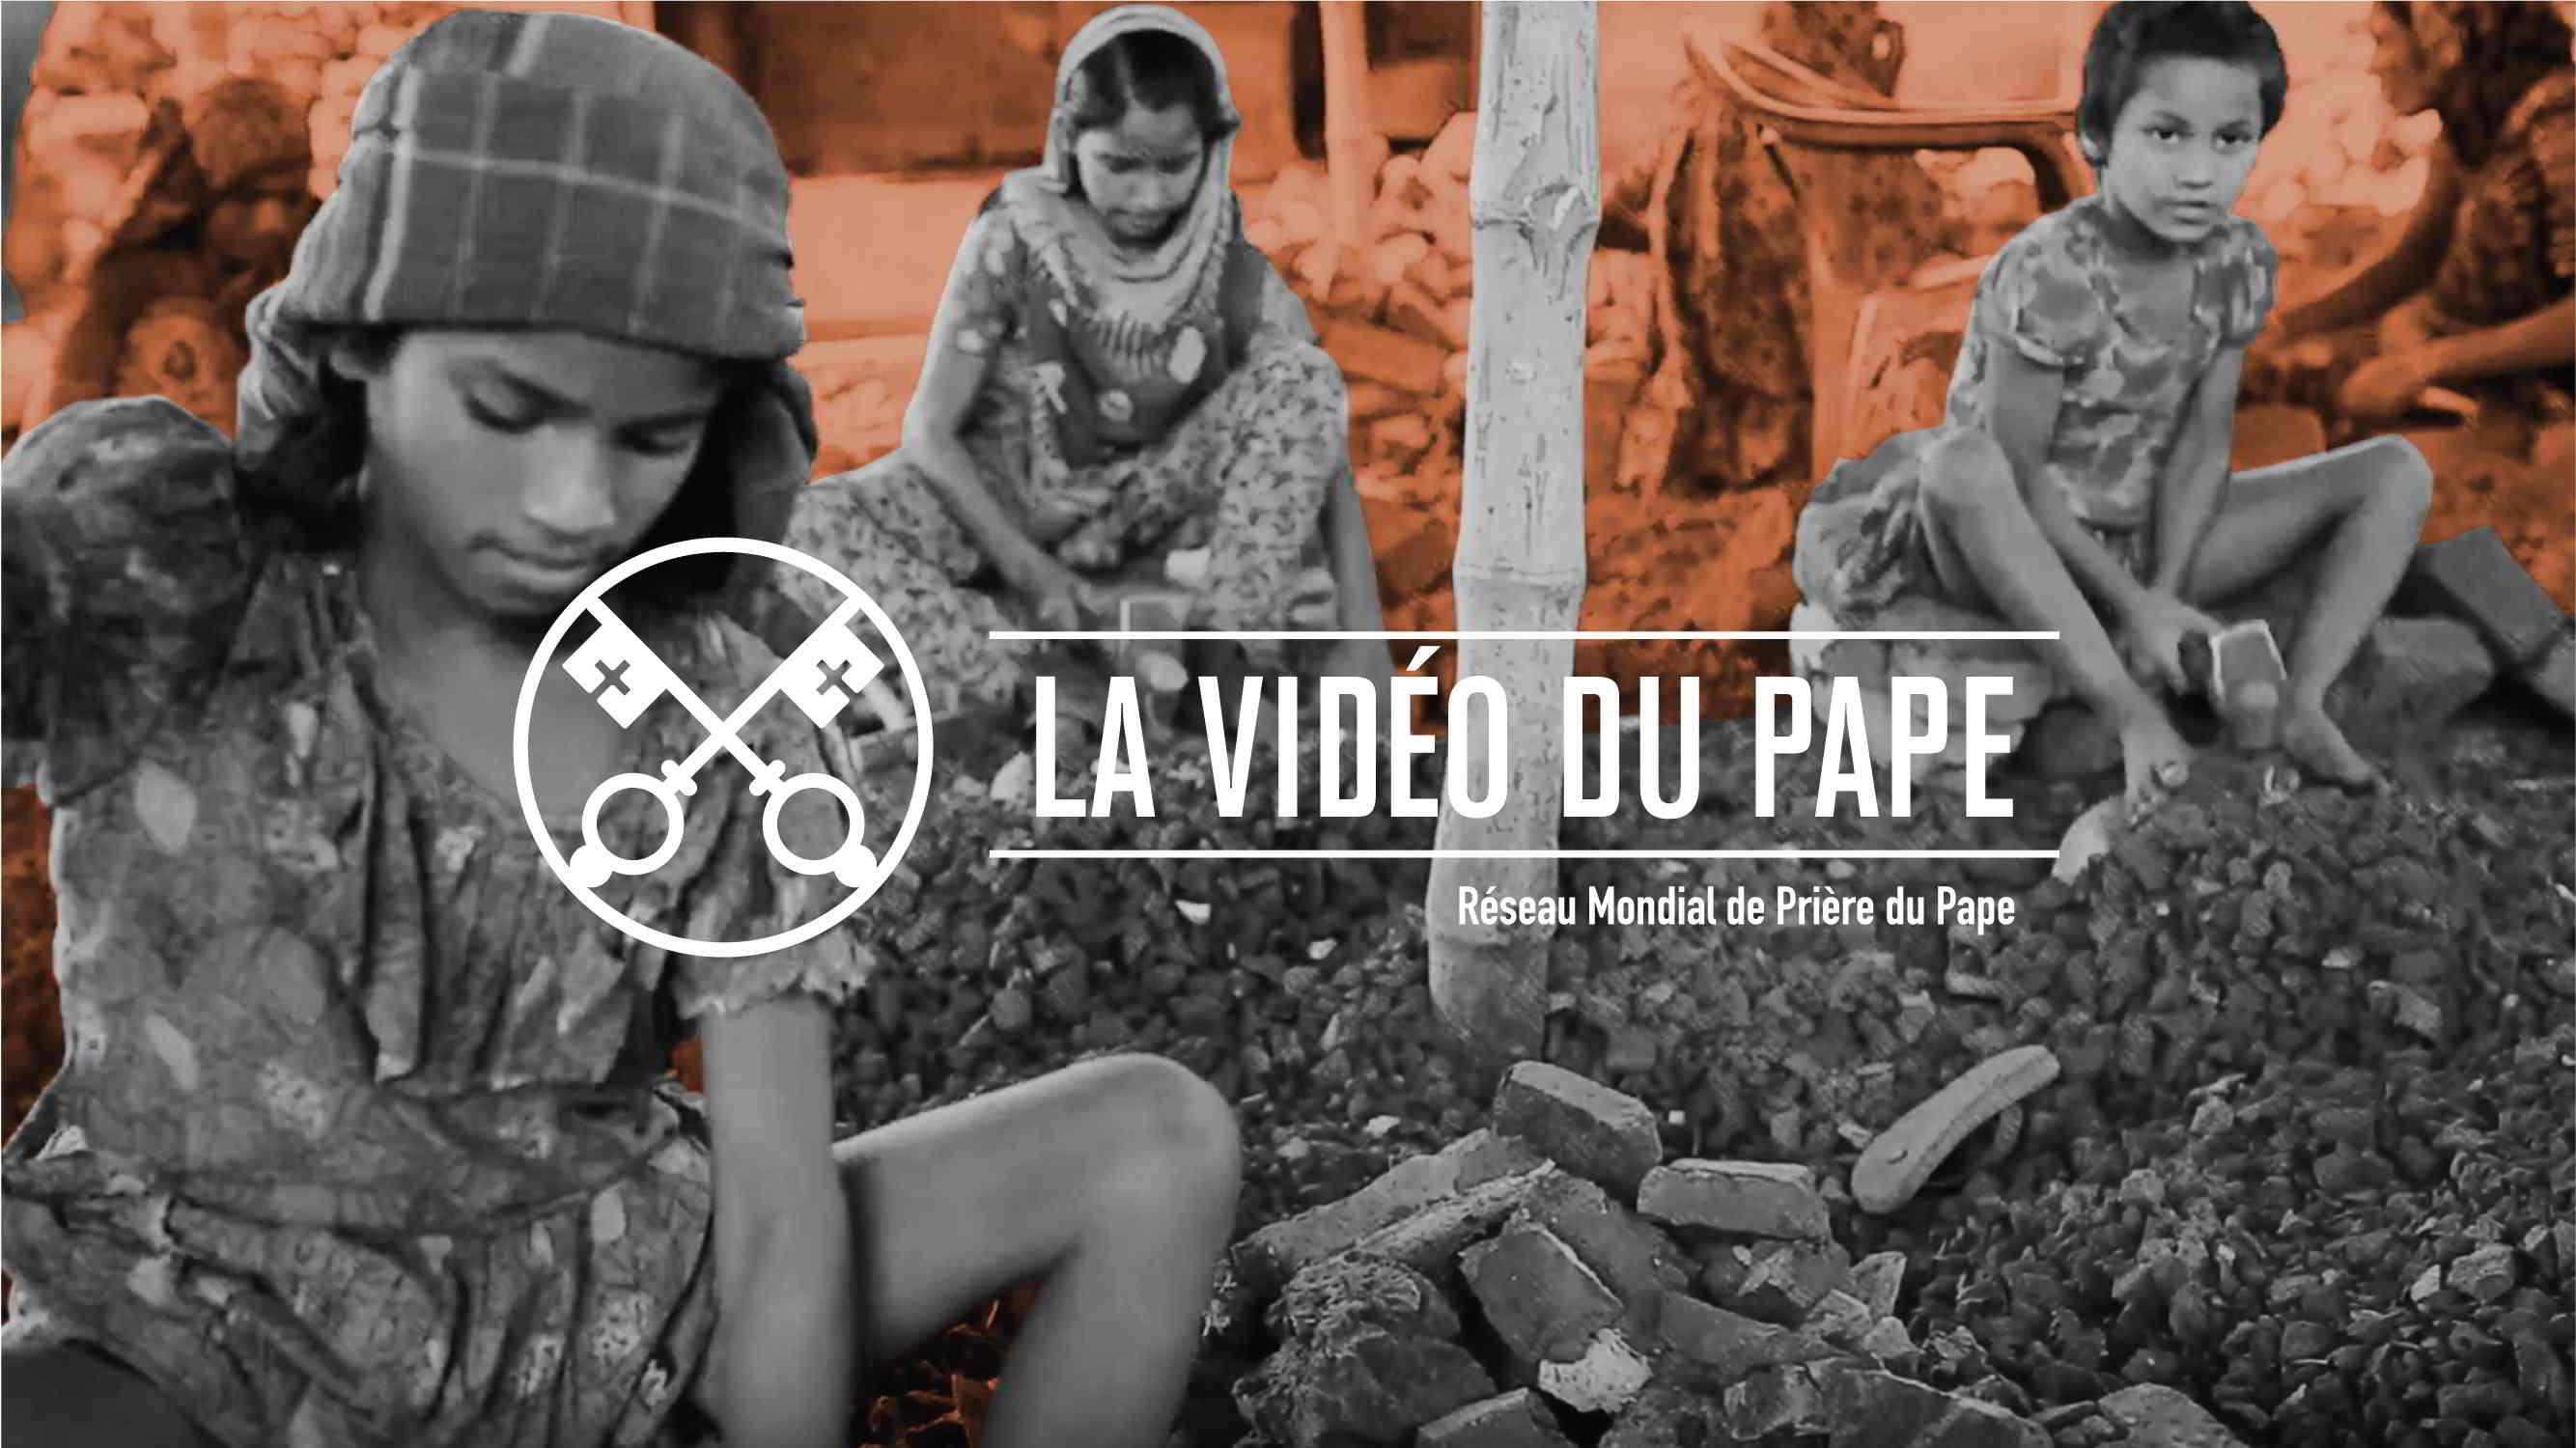 Official-Image-TPV-2-2019-5-FR-La-Video-du-Pape-La-traite-des-personnes